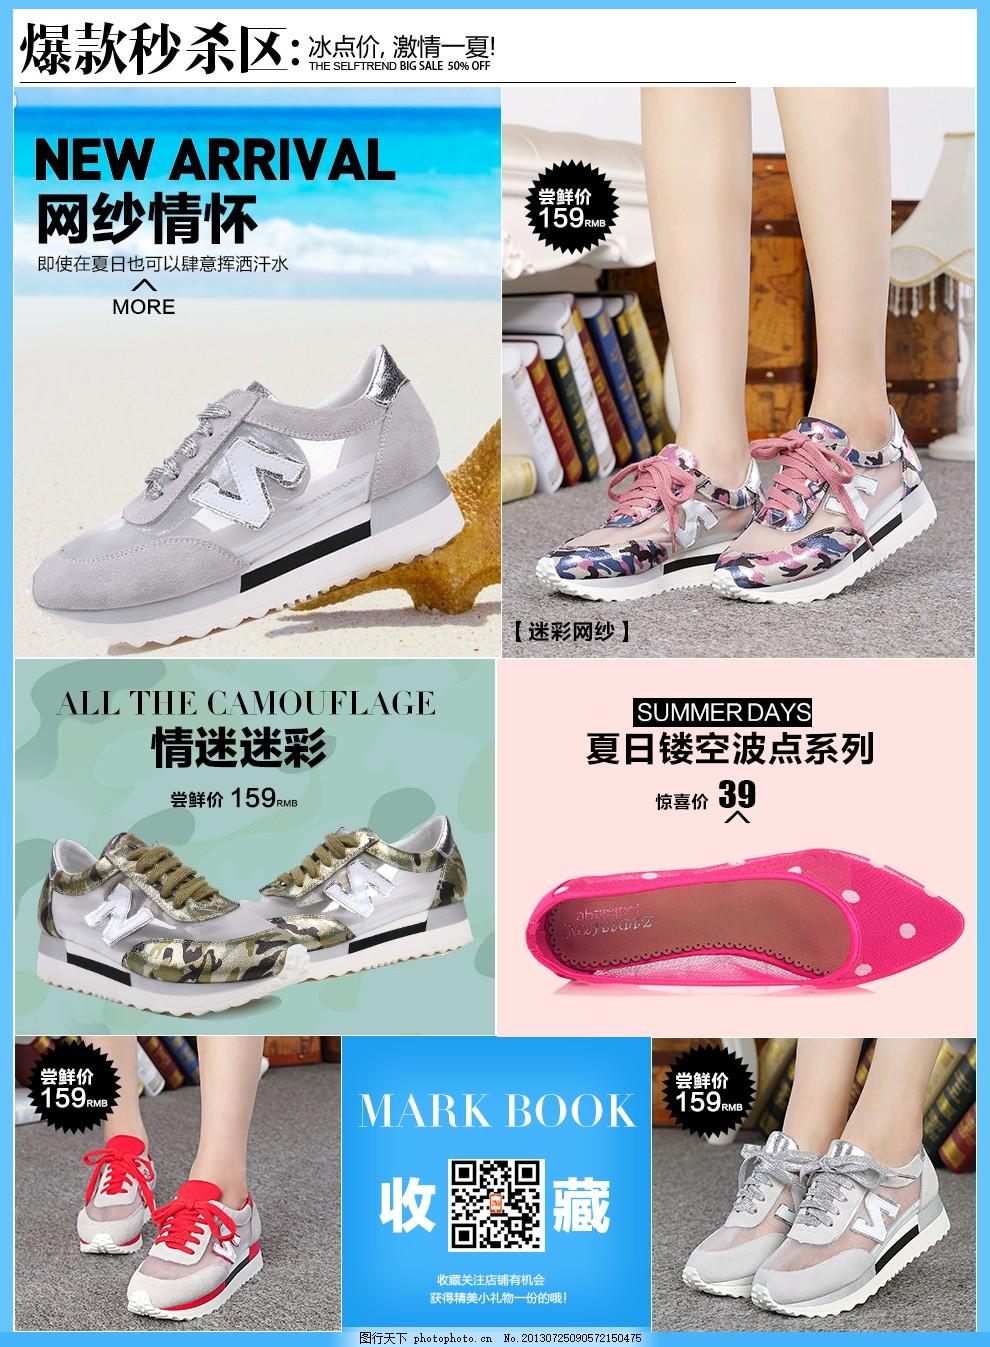 淘寶女鞋頁面設計 淘寶頁面設計 女鞋頁面 休閑鞋頁面設計 psd 灰色